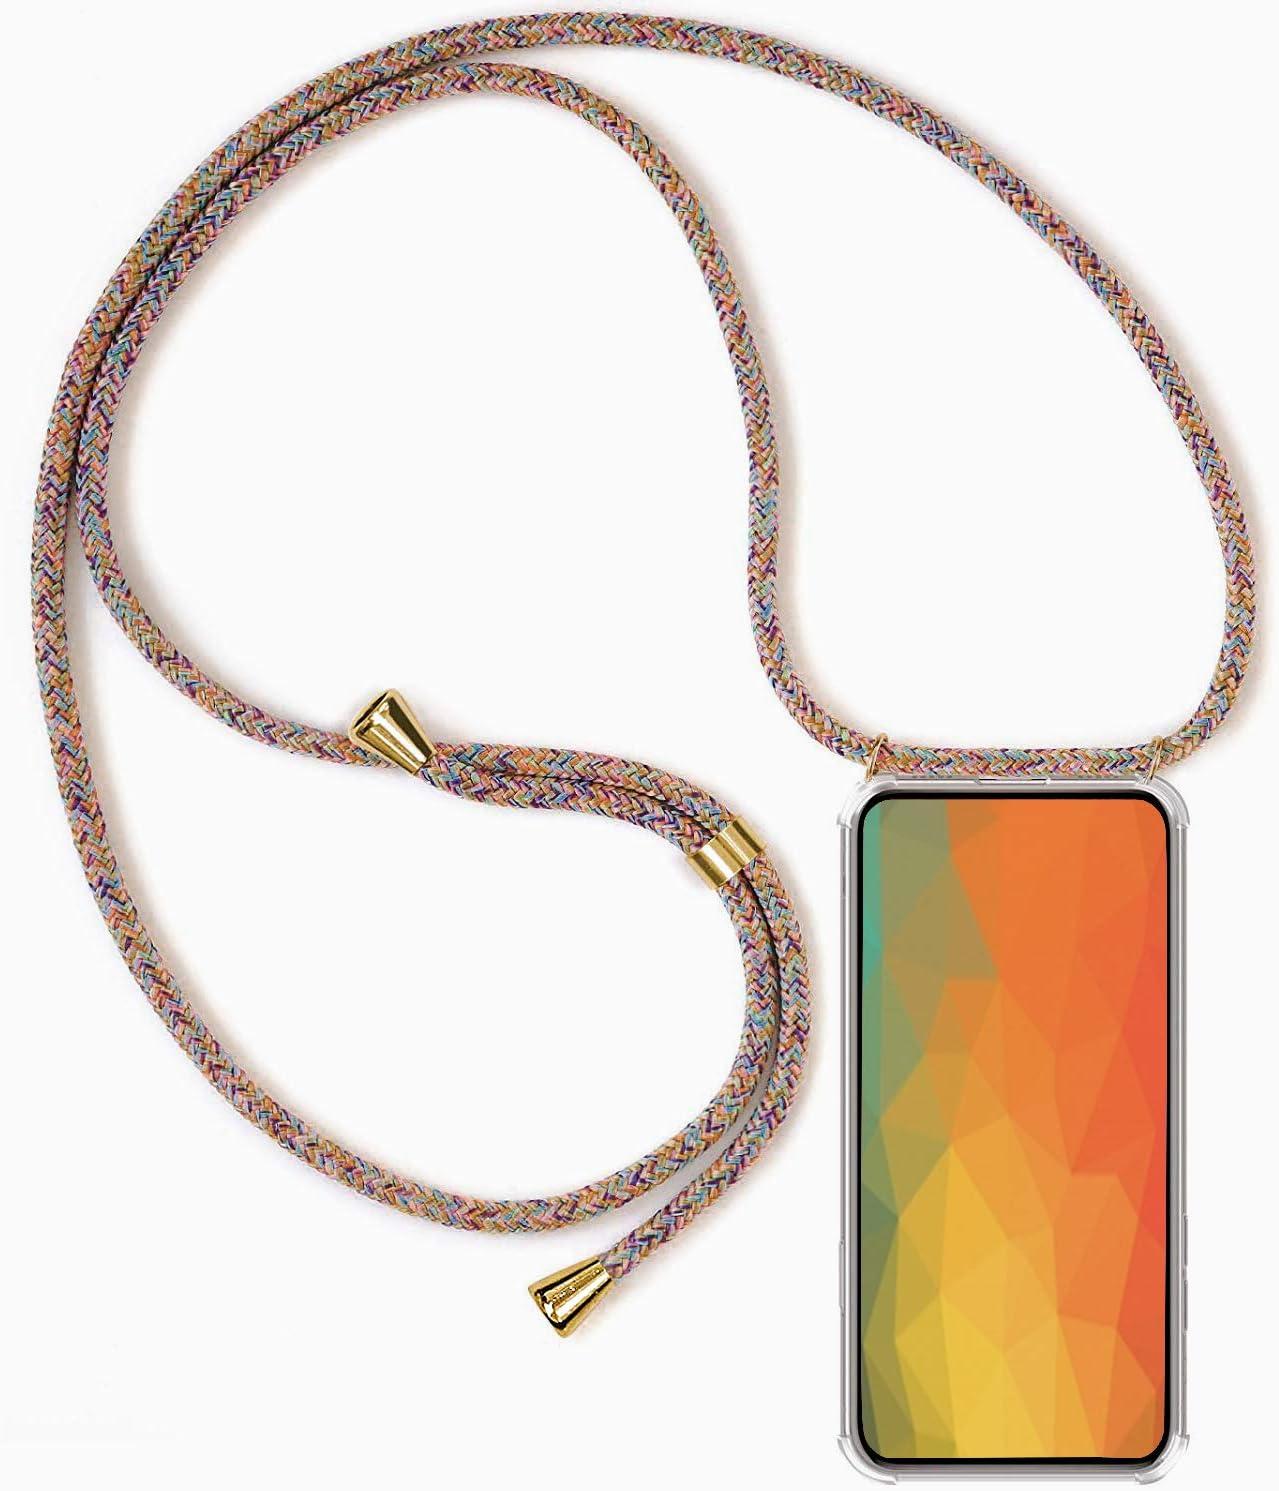 Funda para Xiaomi Mi 11 Lite 4G / 11 Lite 5G con Cuerda, Carcasa Transparente TPU Suave Silicona Case con Correa Colgante Ajustable Collar Correa de Cuello Cadena Cordón Anti-Choque Case, Multicolor